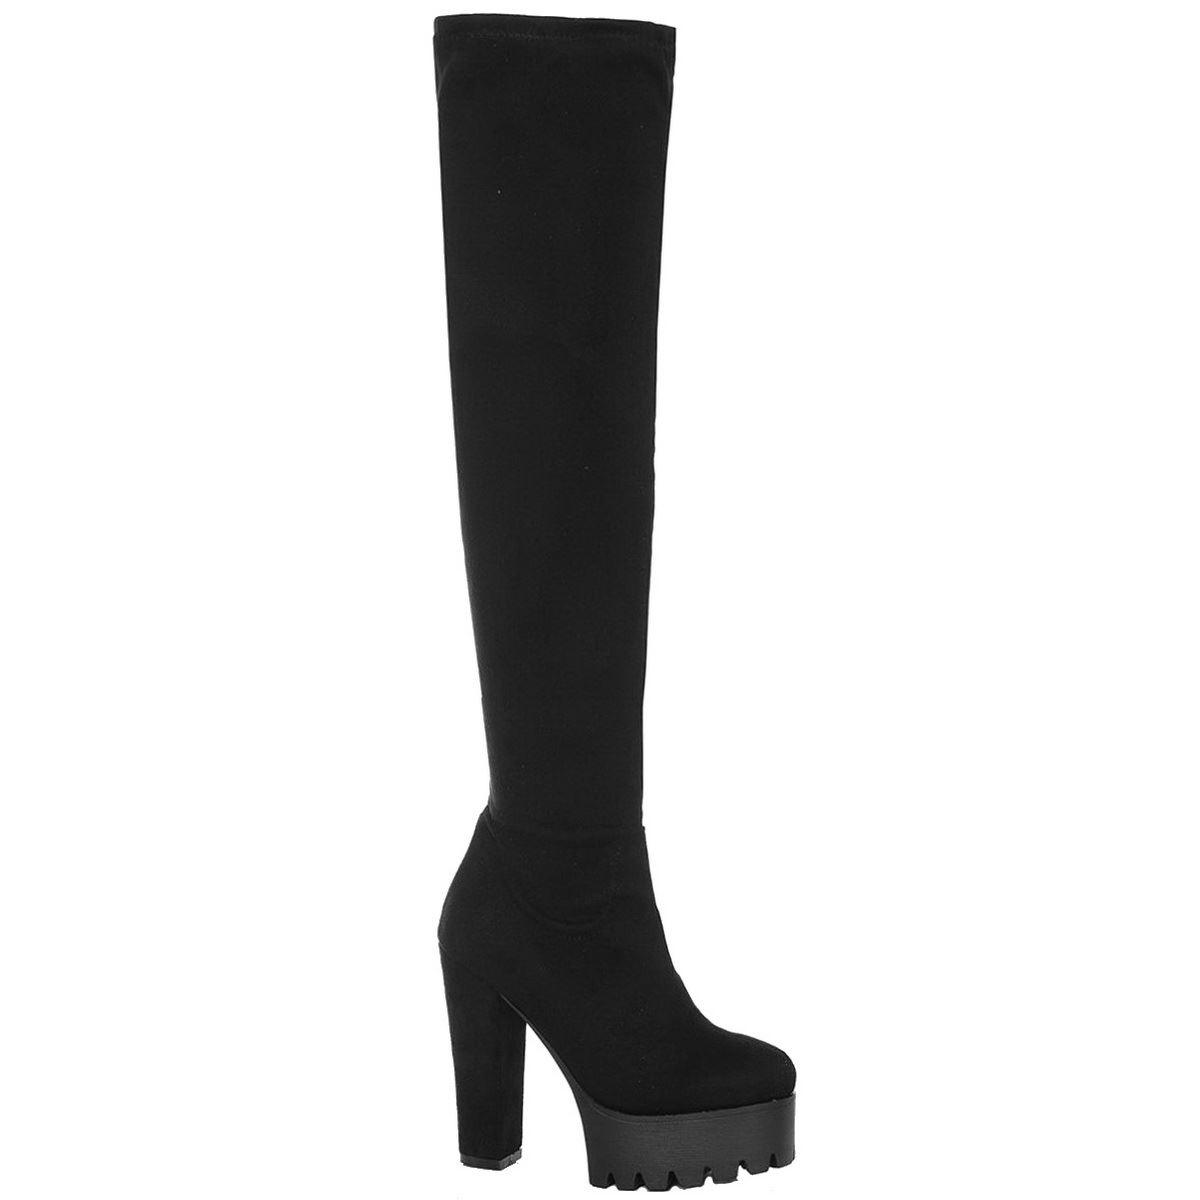 Señoras para mujer sobre la rodilla Taco Alto Plataforma Cleated Suela Botas Zapatos Talla Mediana